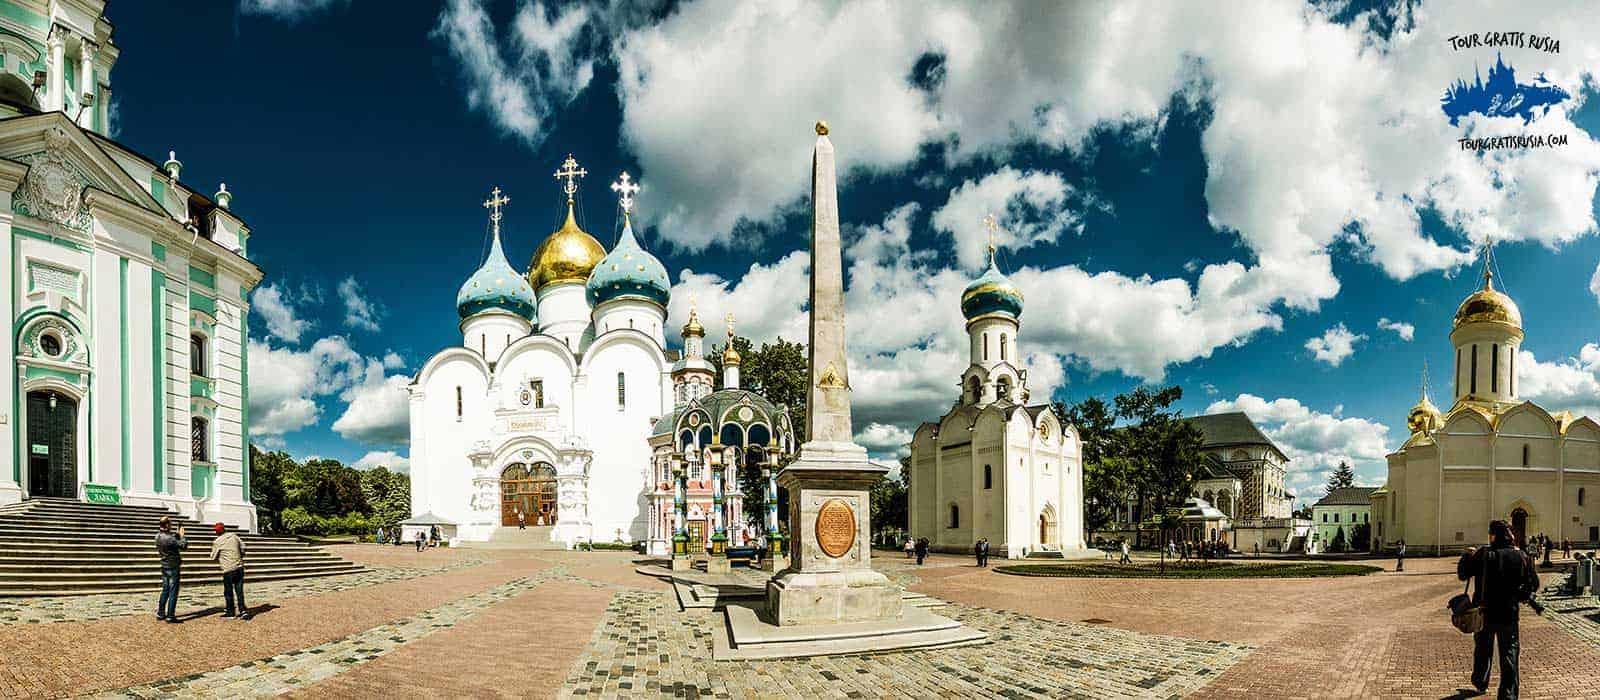 Excursión a Sergiev Posad en Moscú